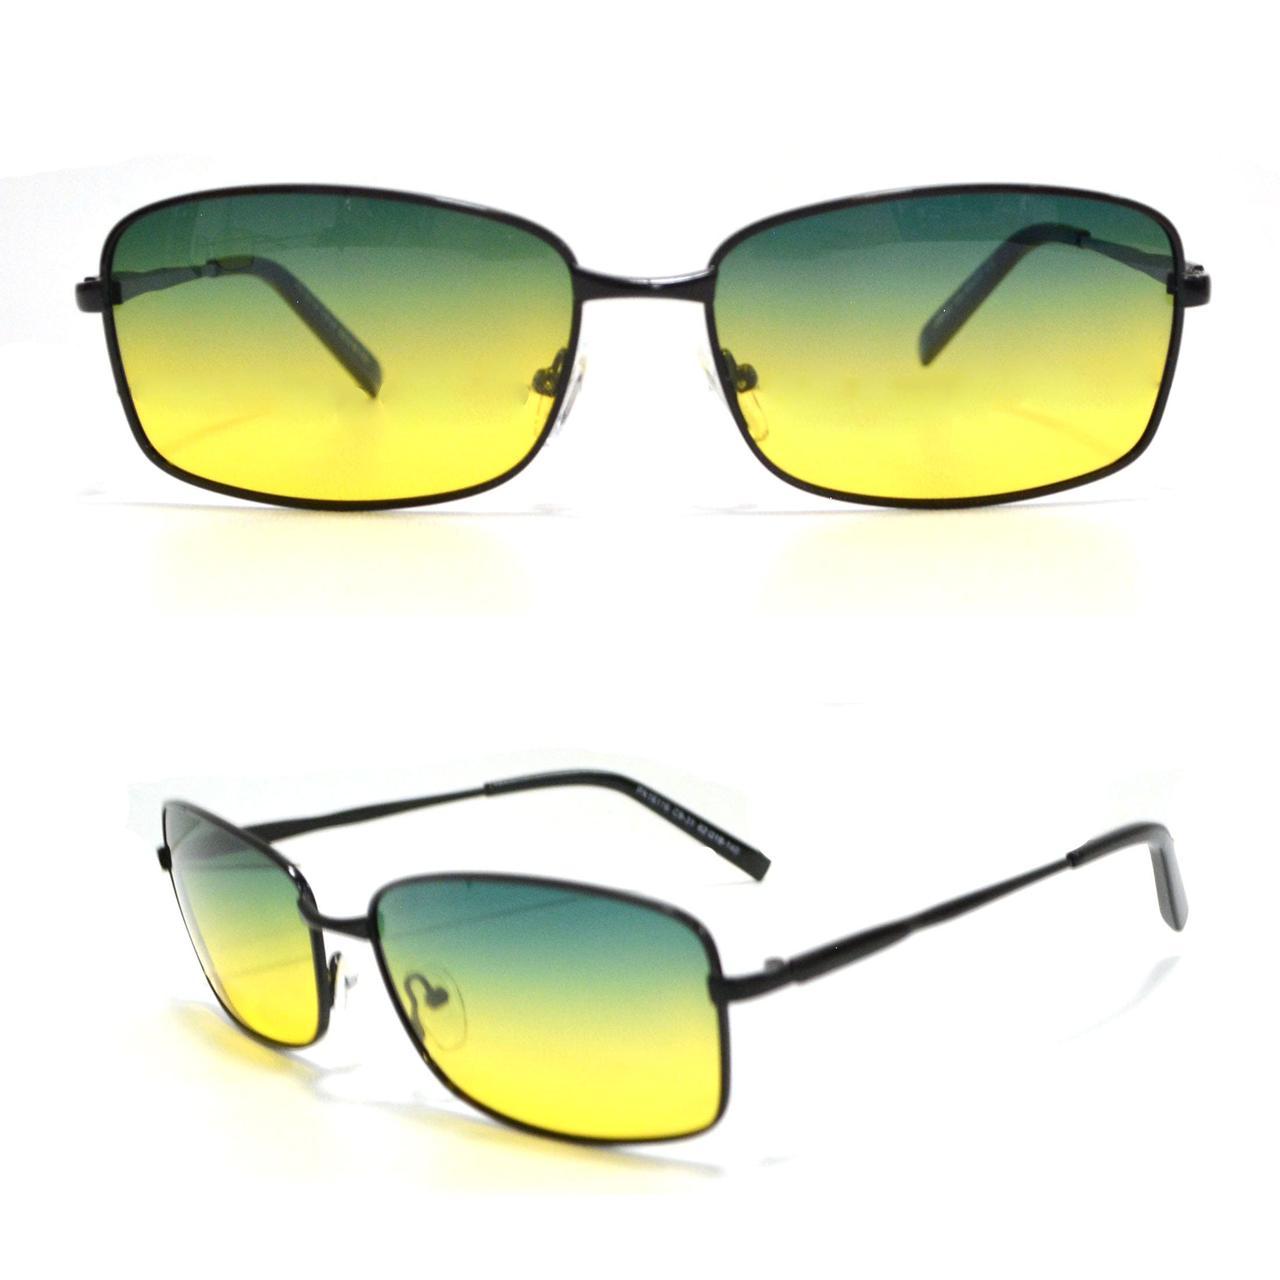 Солнцезащитные поляризационные очки ПОЛАРОИД UV400 тонкая оправа желто зеленые стекла АВТО PX16116 - фото 1